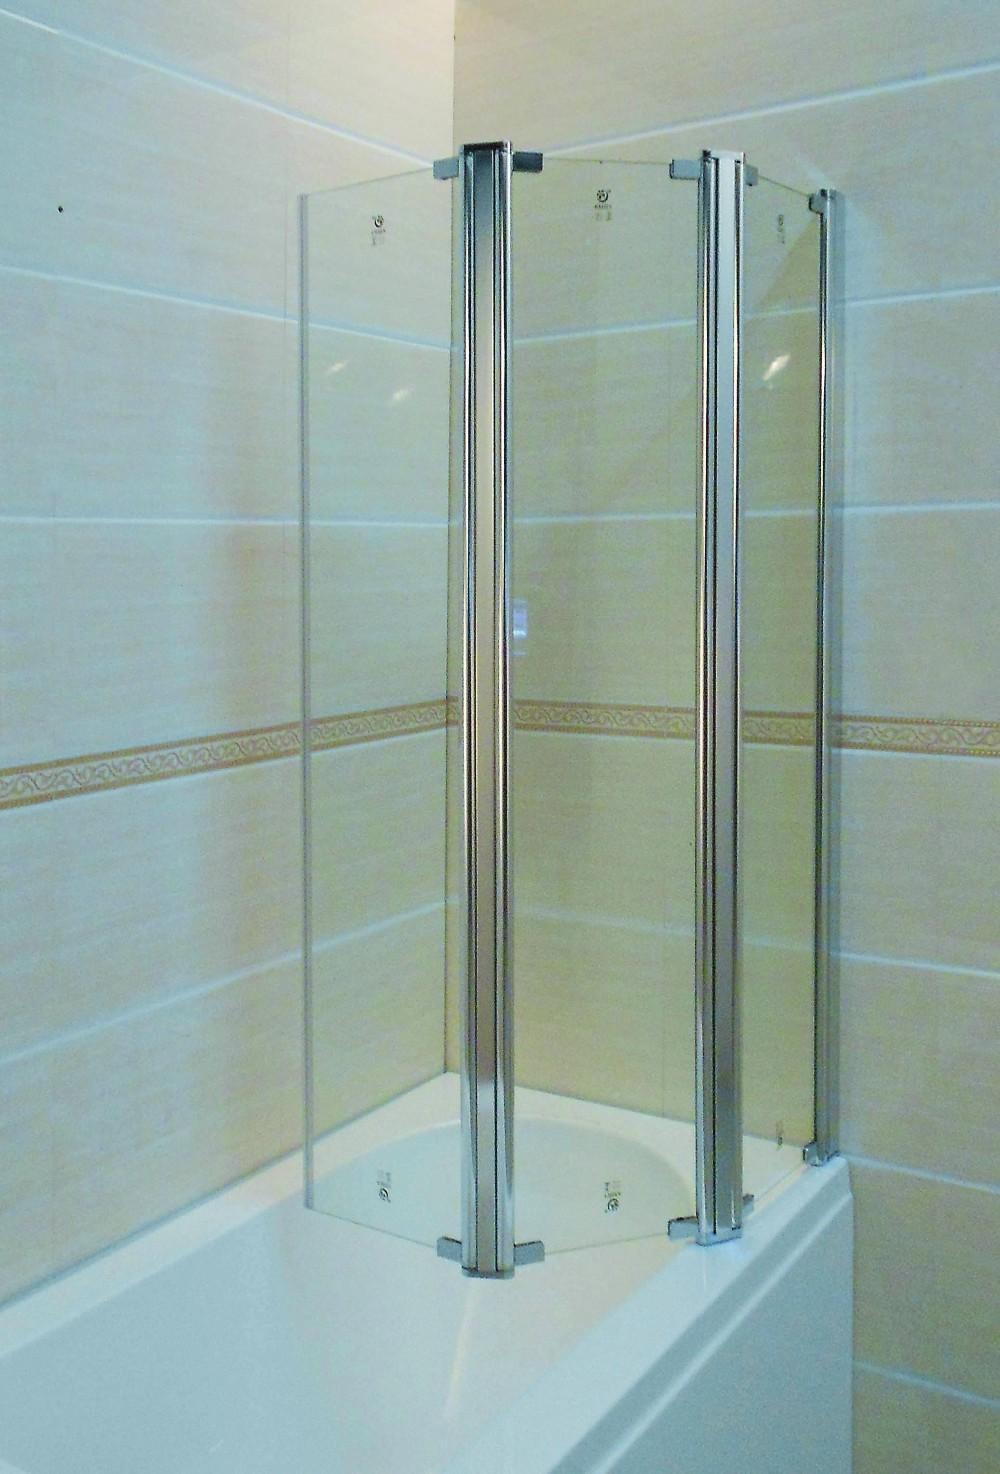 cran de douche de la baignoire kd3202 paroi de douche id de produit 560349649 french. Black Bedroom Furniture Sets. Home Design Ideas